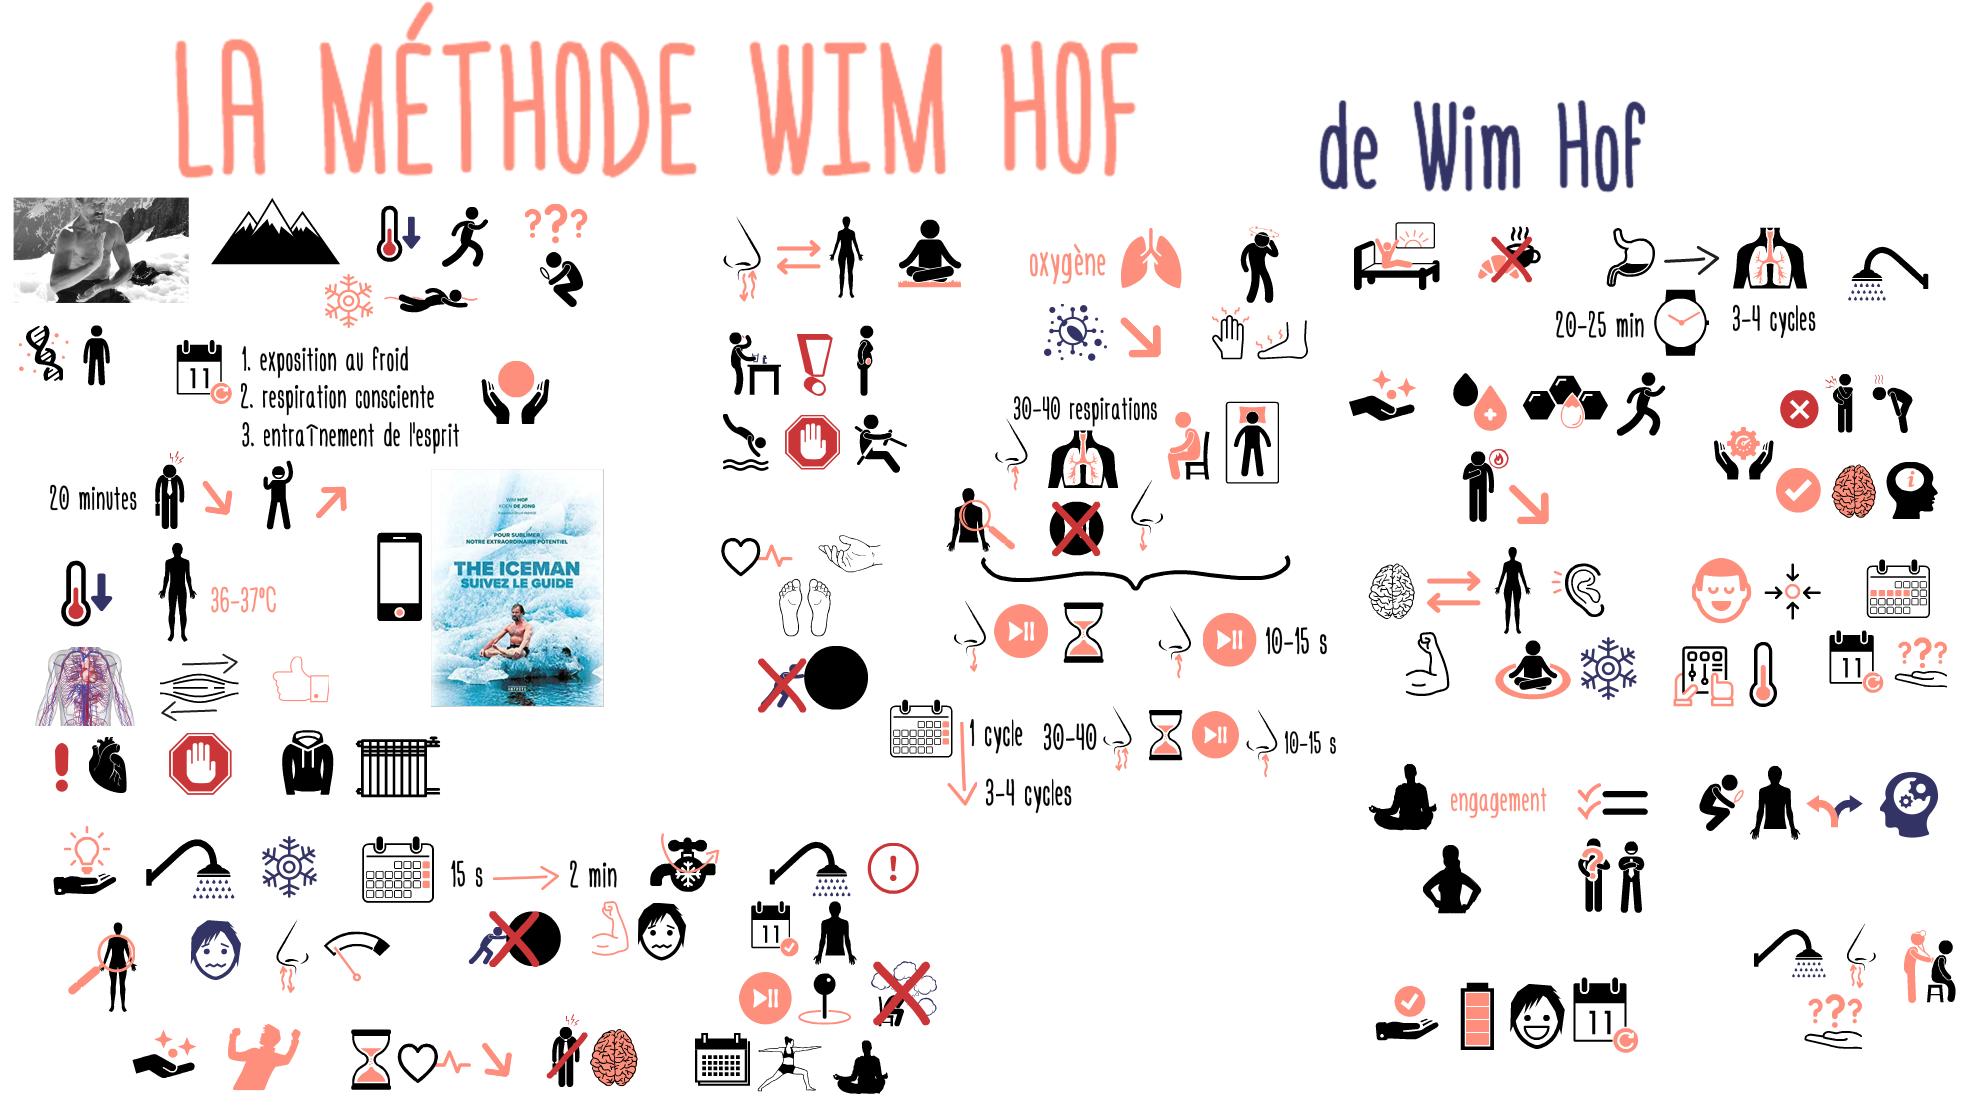 245 Methode Wim Hof